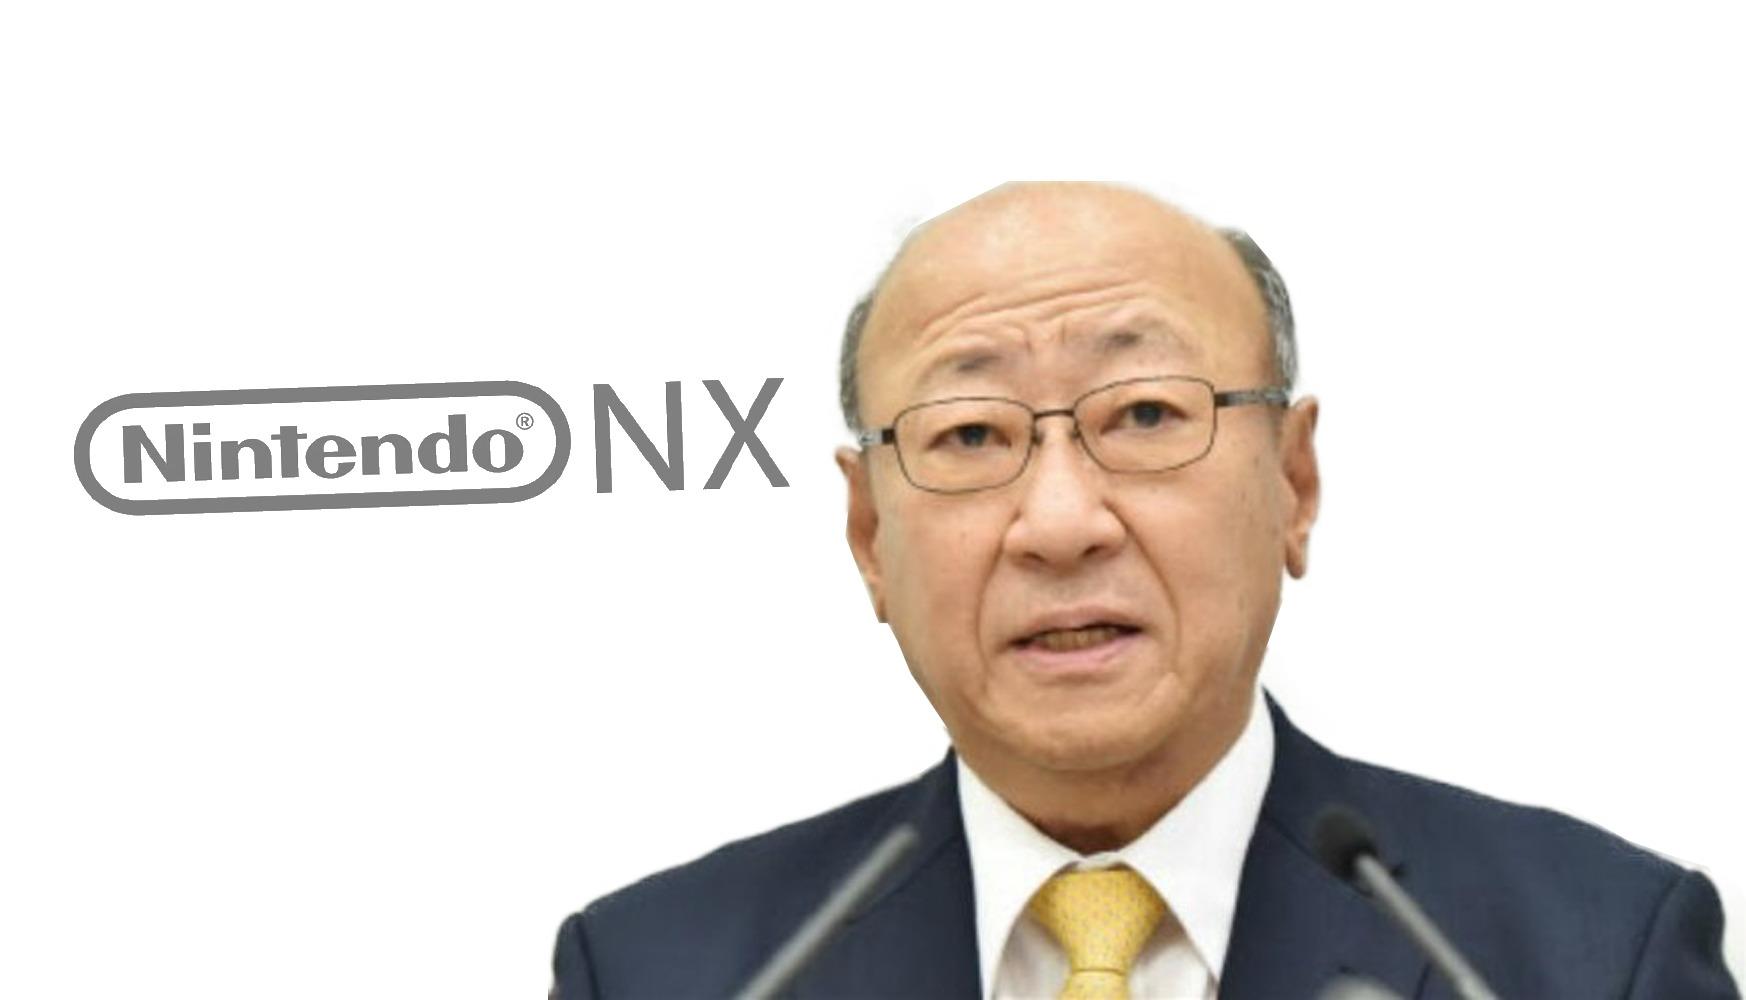 copertina kimishima nx